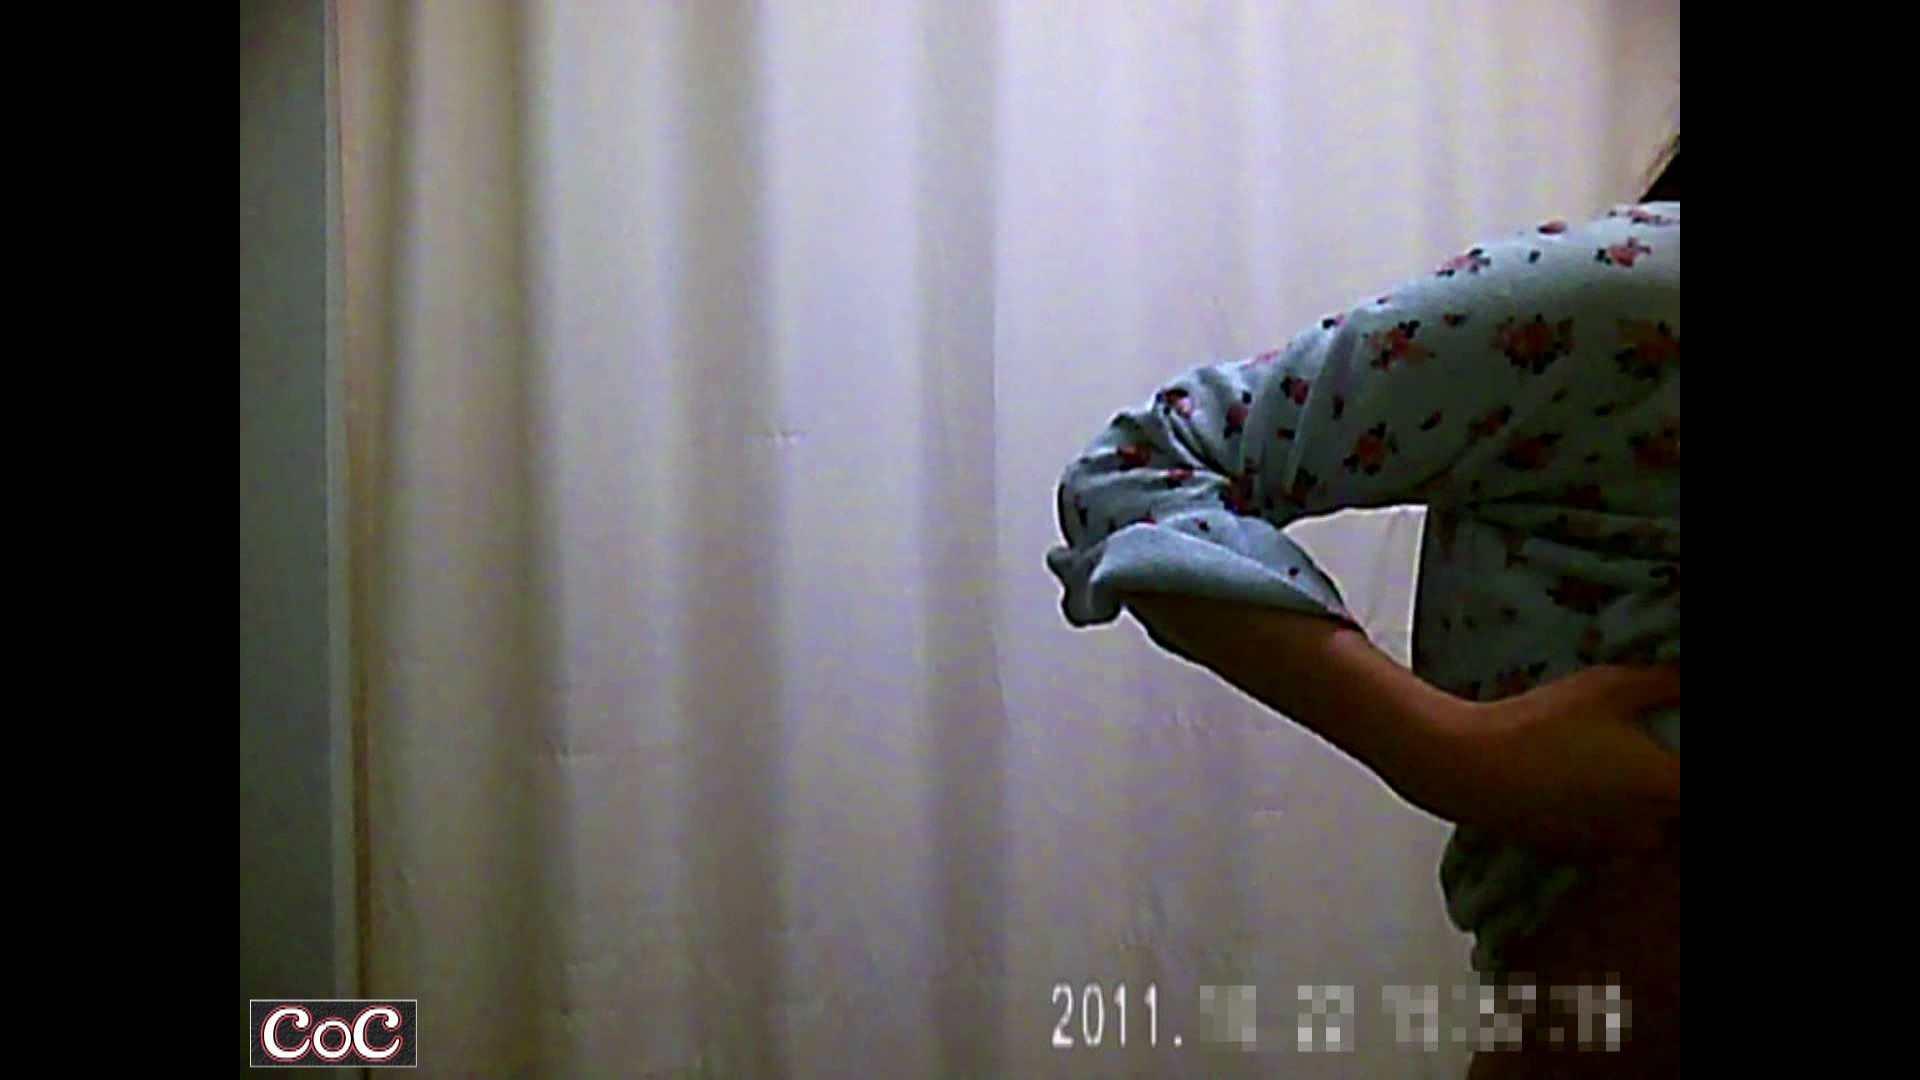 無修正エロ動画|元医者による反抗 更衣室地獄絵巻 vol.228|怪盗ジョーカー